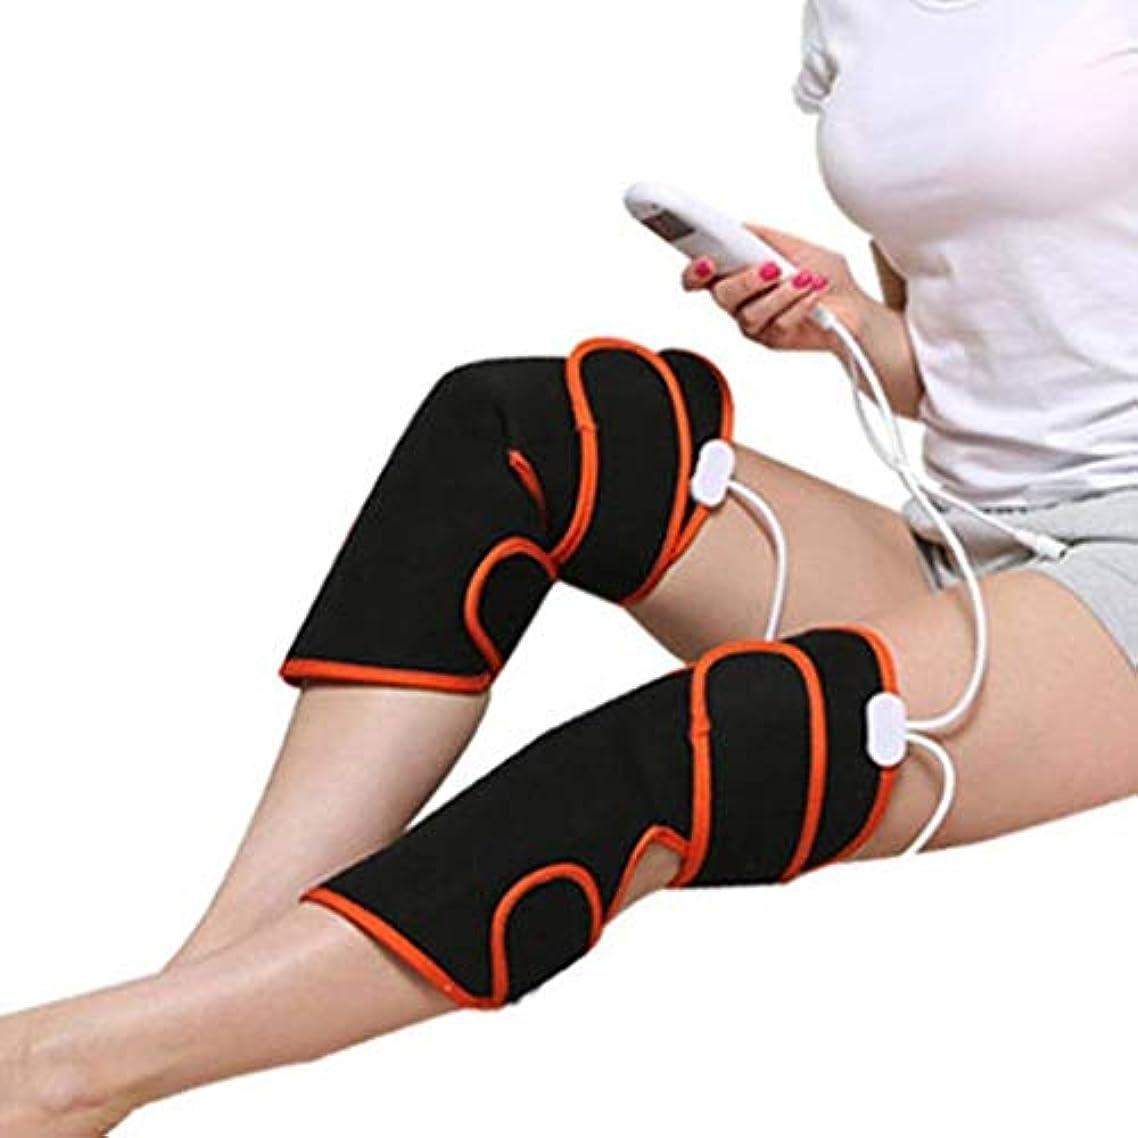 動かないバース魔法暖房付き膝マッサージャー、電動バイブレーションマッサージャー、膝マッサージャーを定期的に加熱できます、筋肉の痛みを緩和するモード、9モード、冷たい脚、骨過形成患者、術後リハビリ